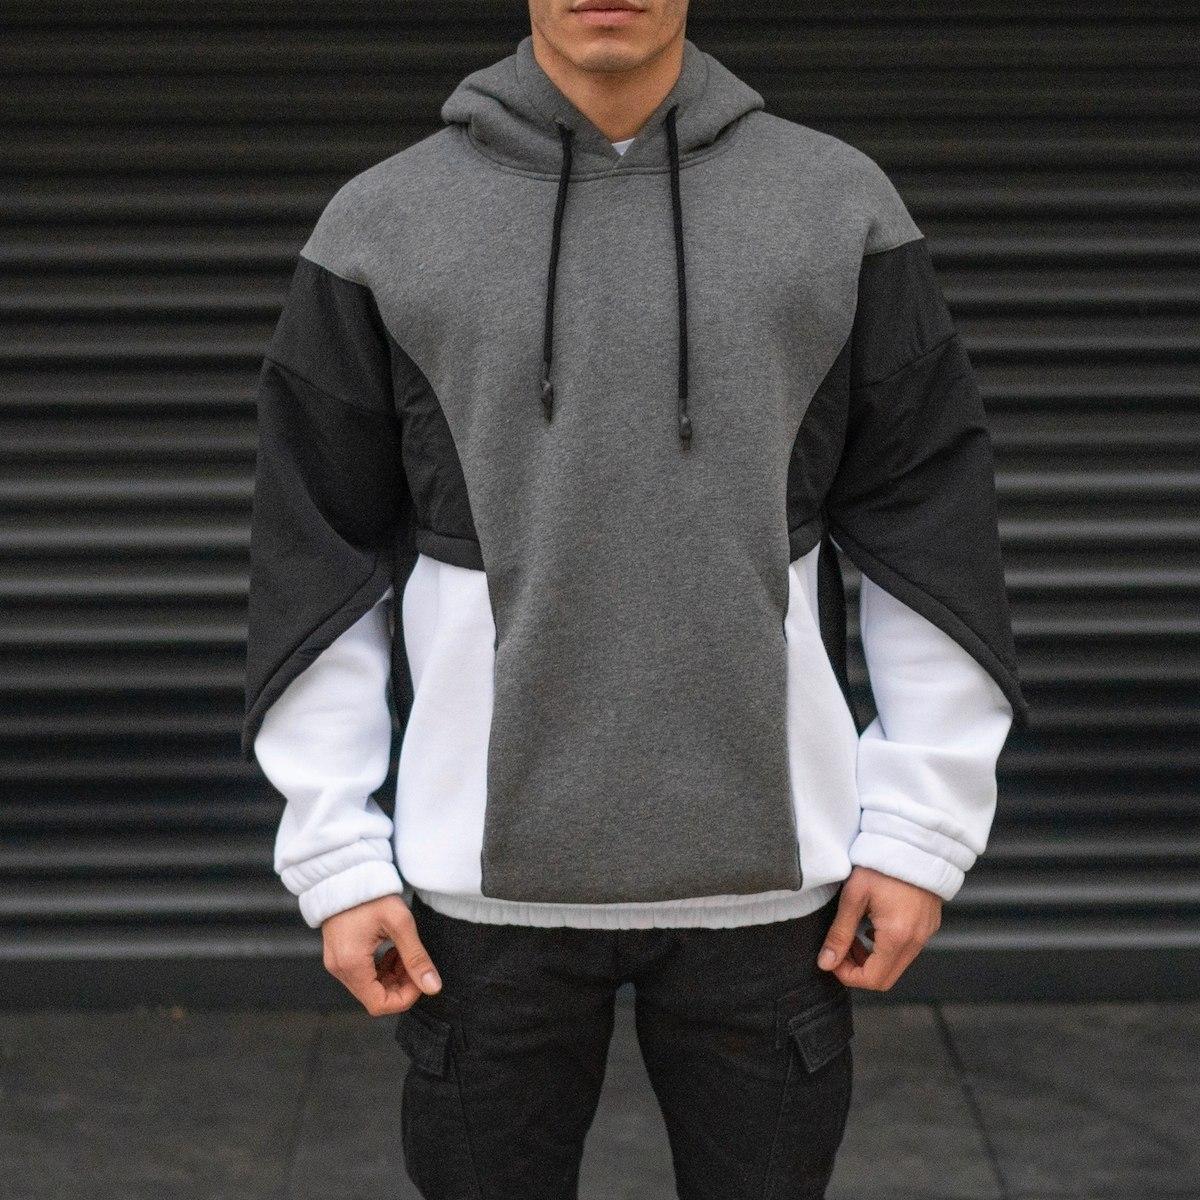 Men's Oversize Block Colored Parachute Textured Hoodie Sweatshirt In Black